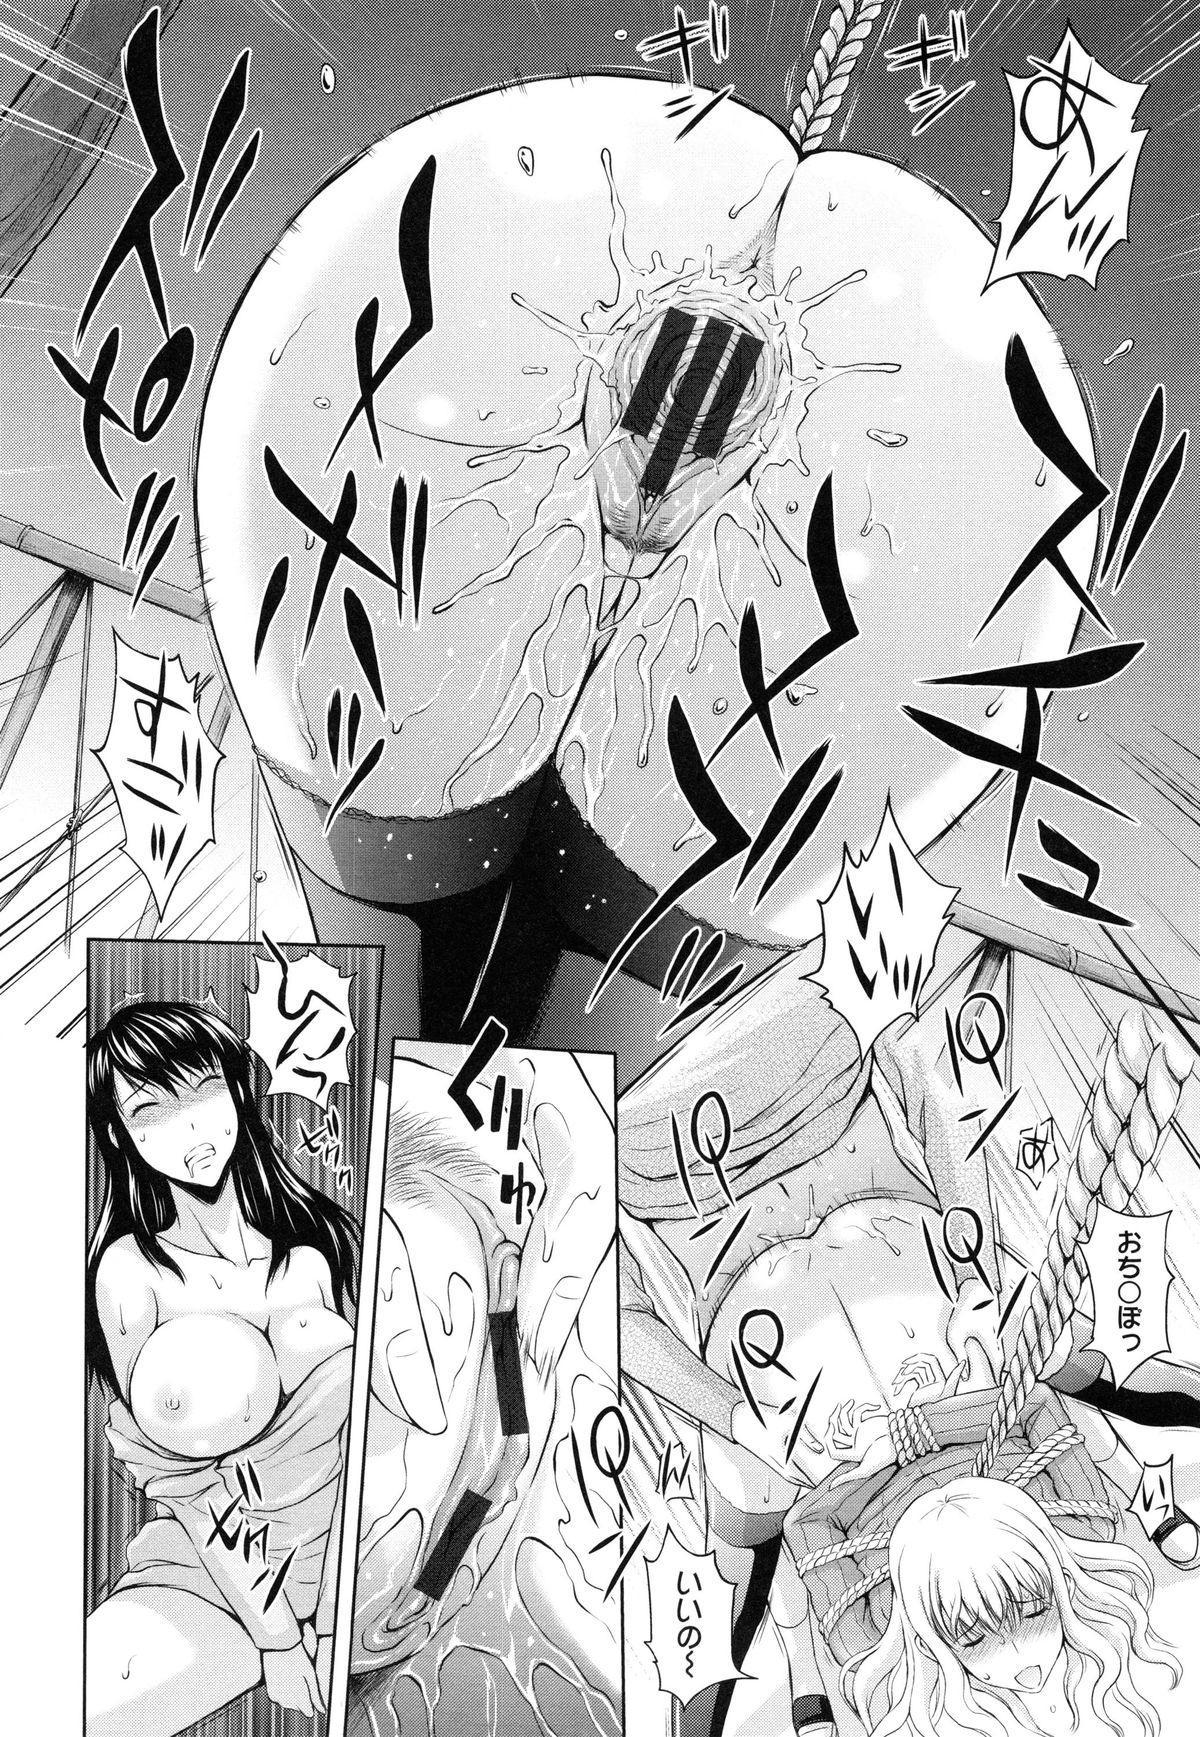 Inbaku no Wakazuma 20